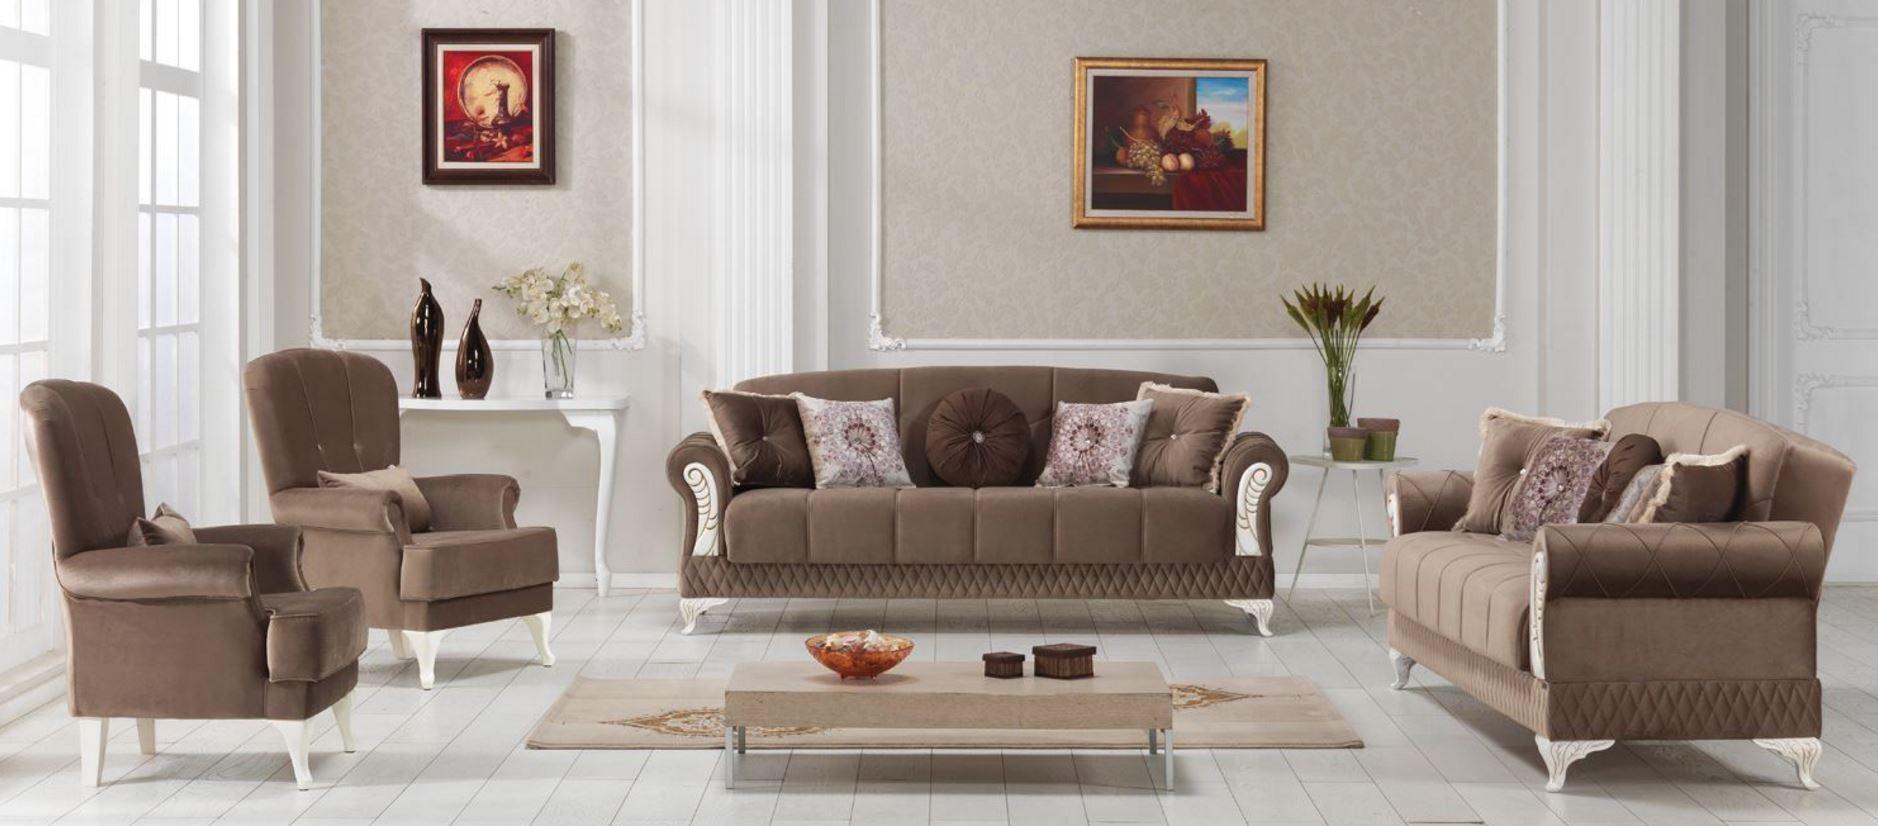 Beyzade Delüks 3+3+B+B+ Yeni Kahverengi Kod05 Evkur 3086 TL Fiyatı